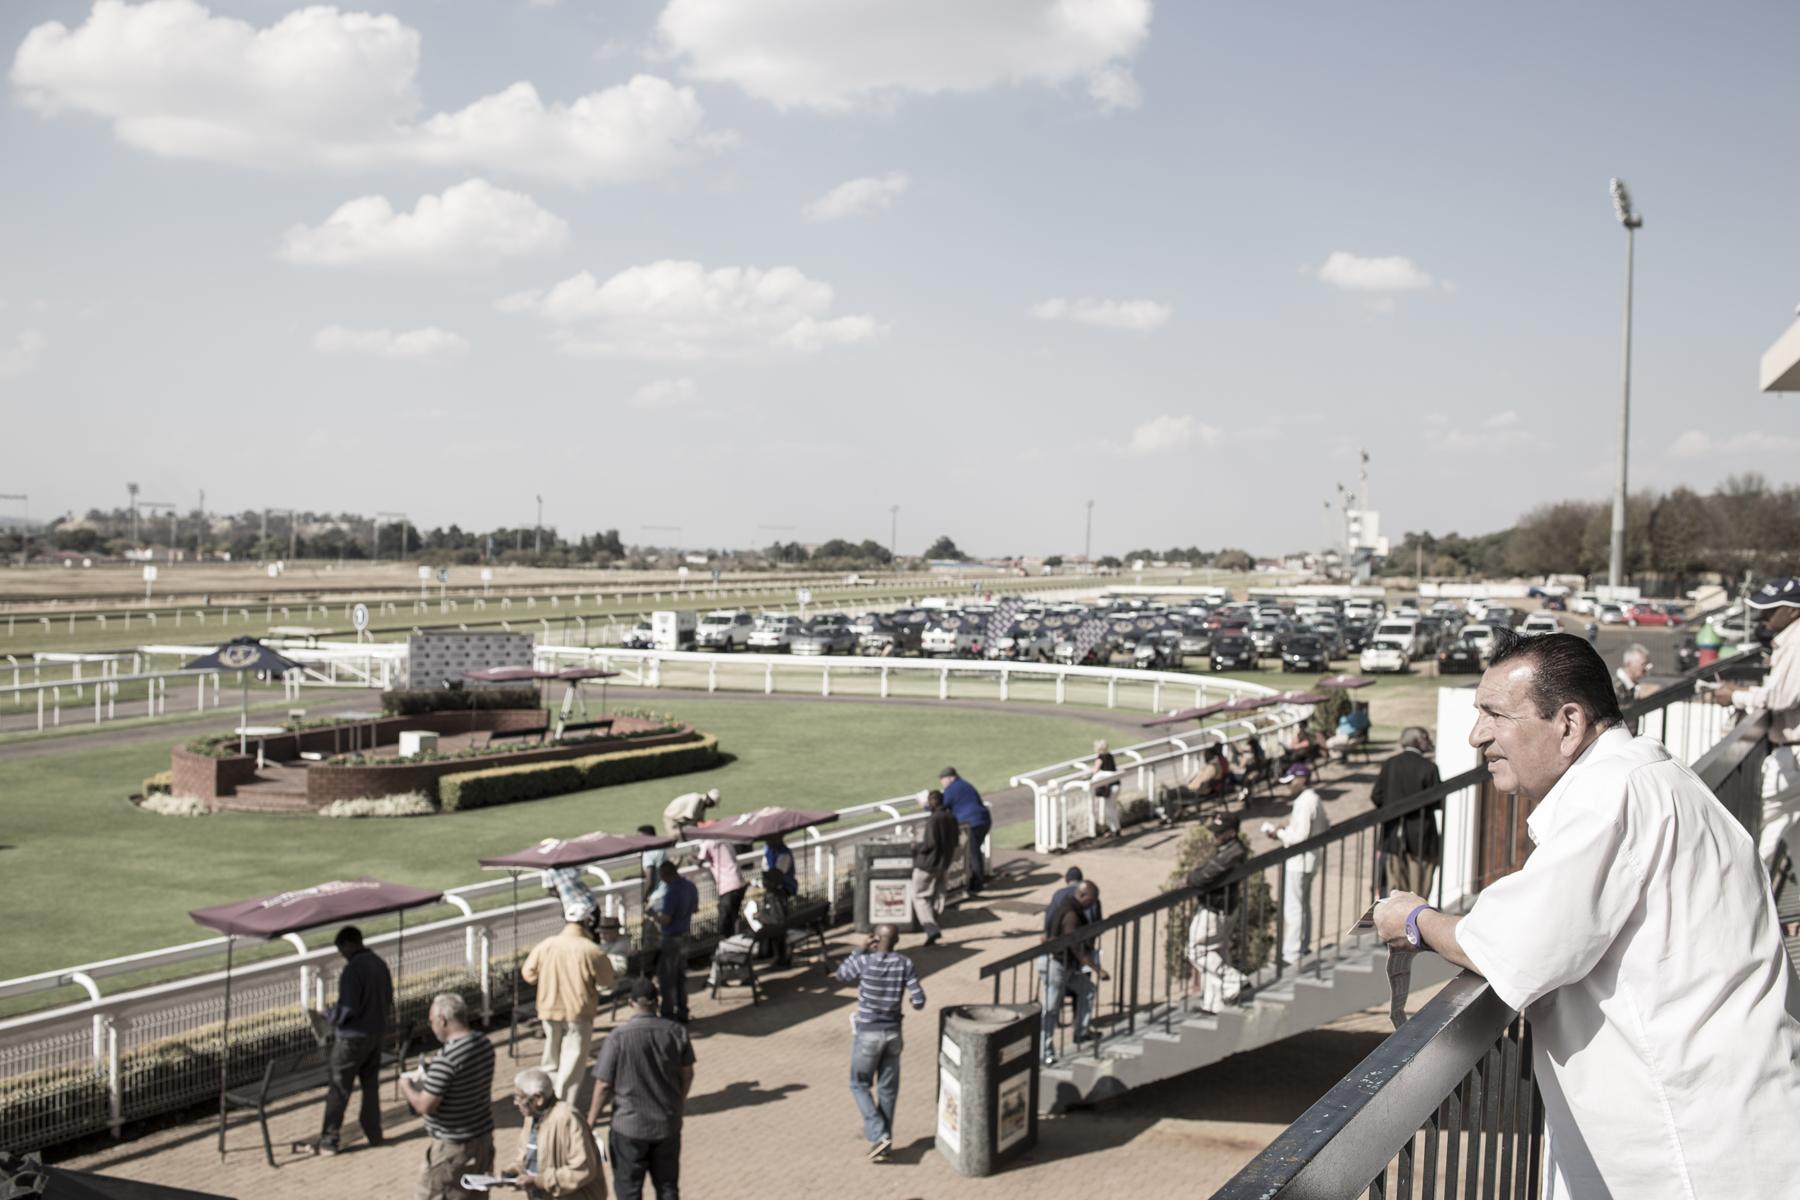 18Rosetenville Turfontein Race Course.jpg